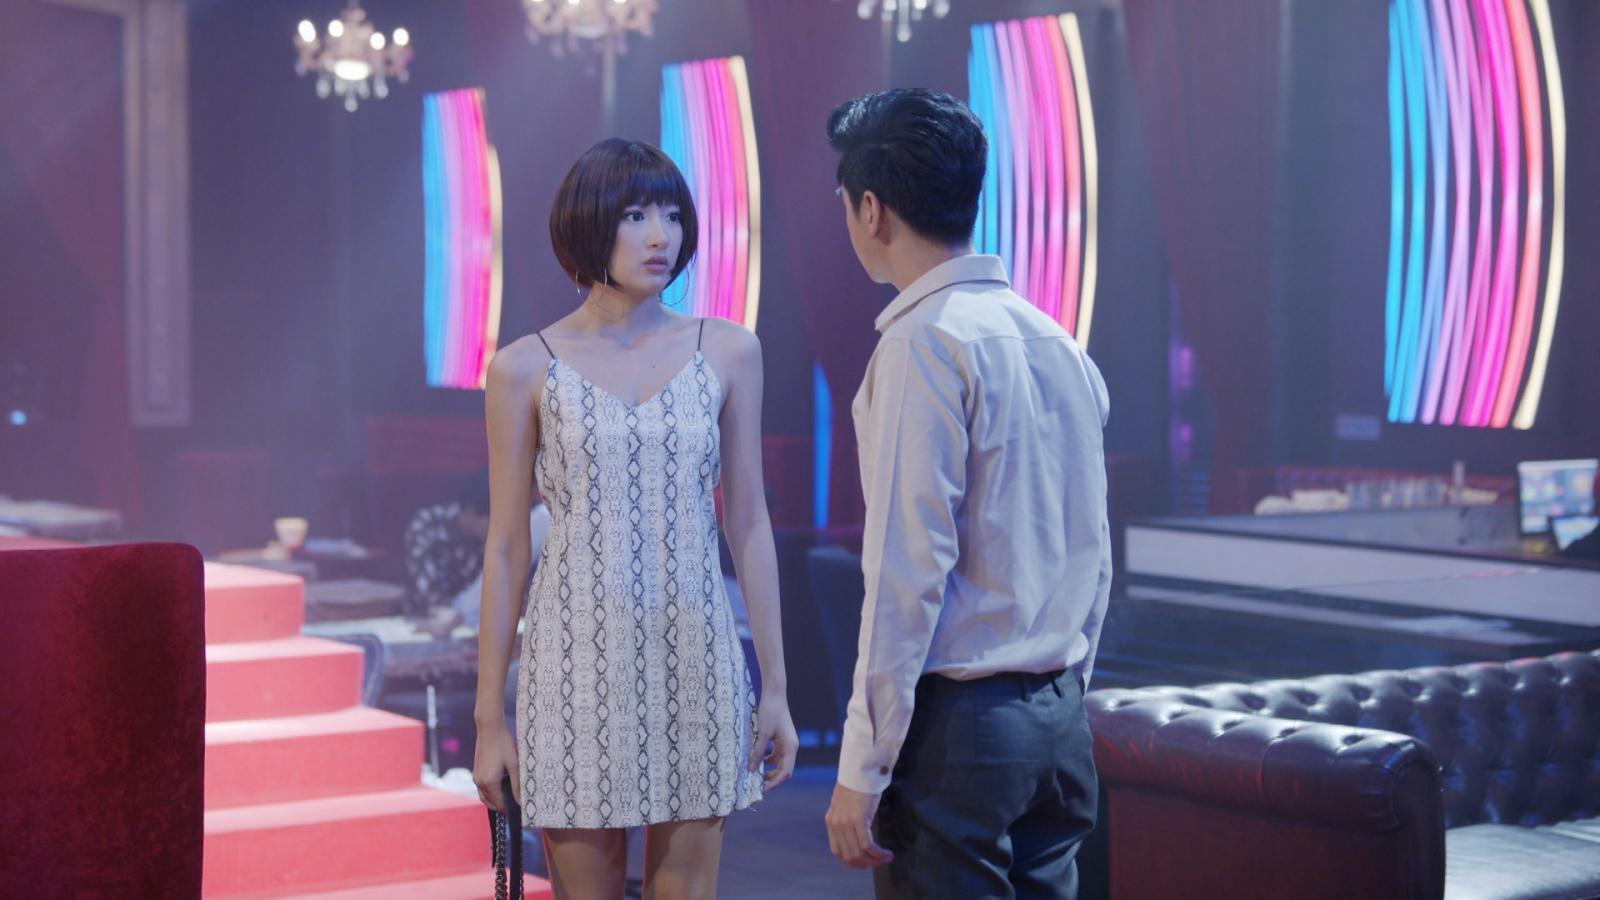 กลับไปสู่วันฝัน EP.18 | ฟินสุด | ผู้ชายต้องไม่ทำร้ายผู้หญิง | PPTV HD 36